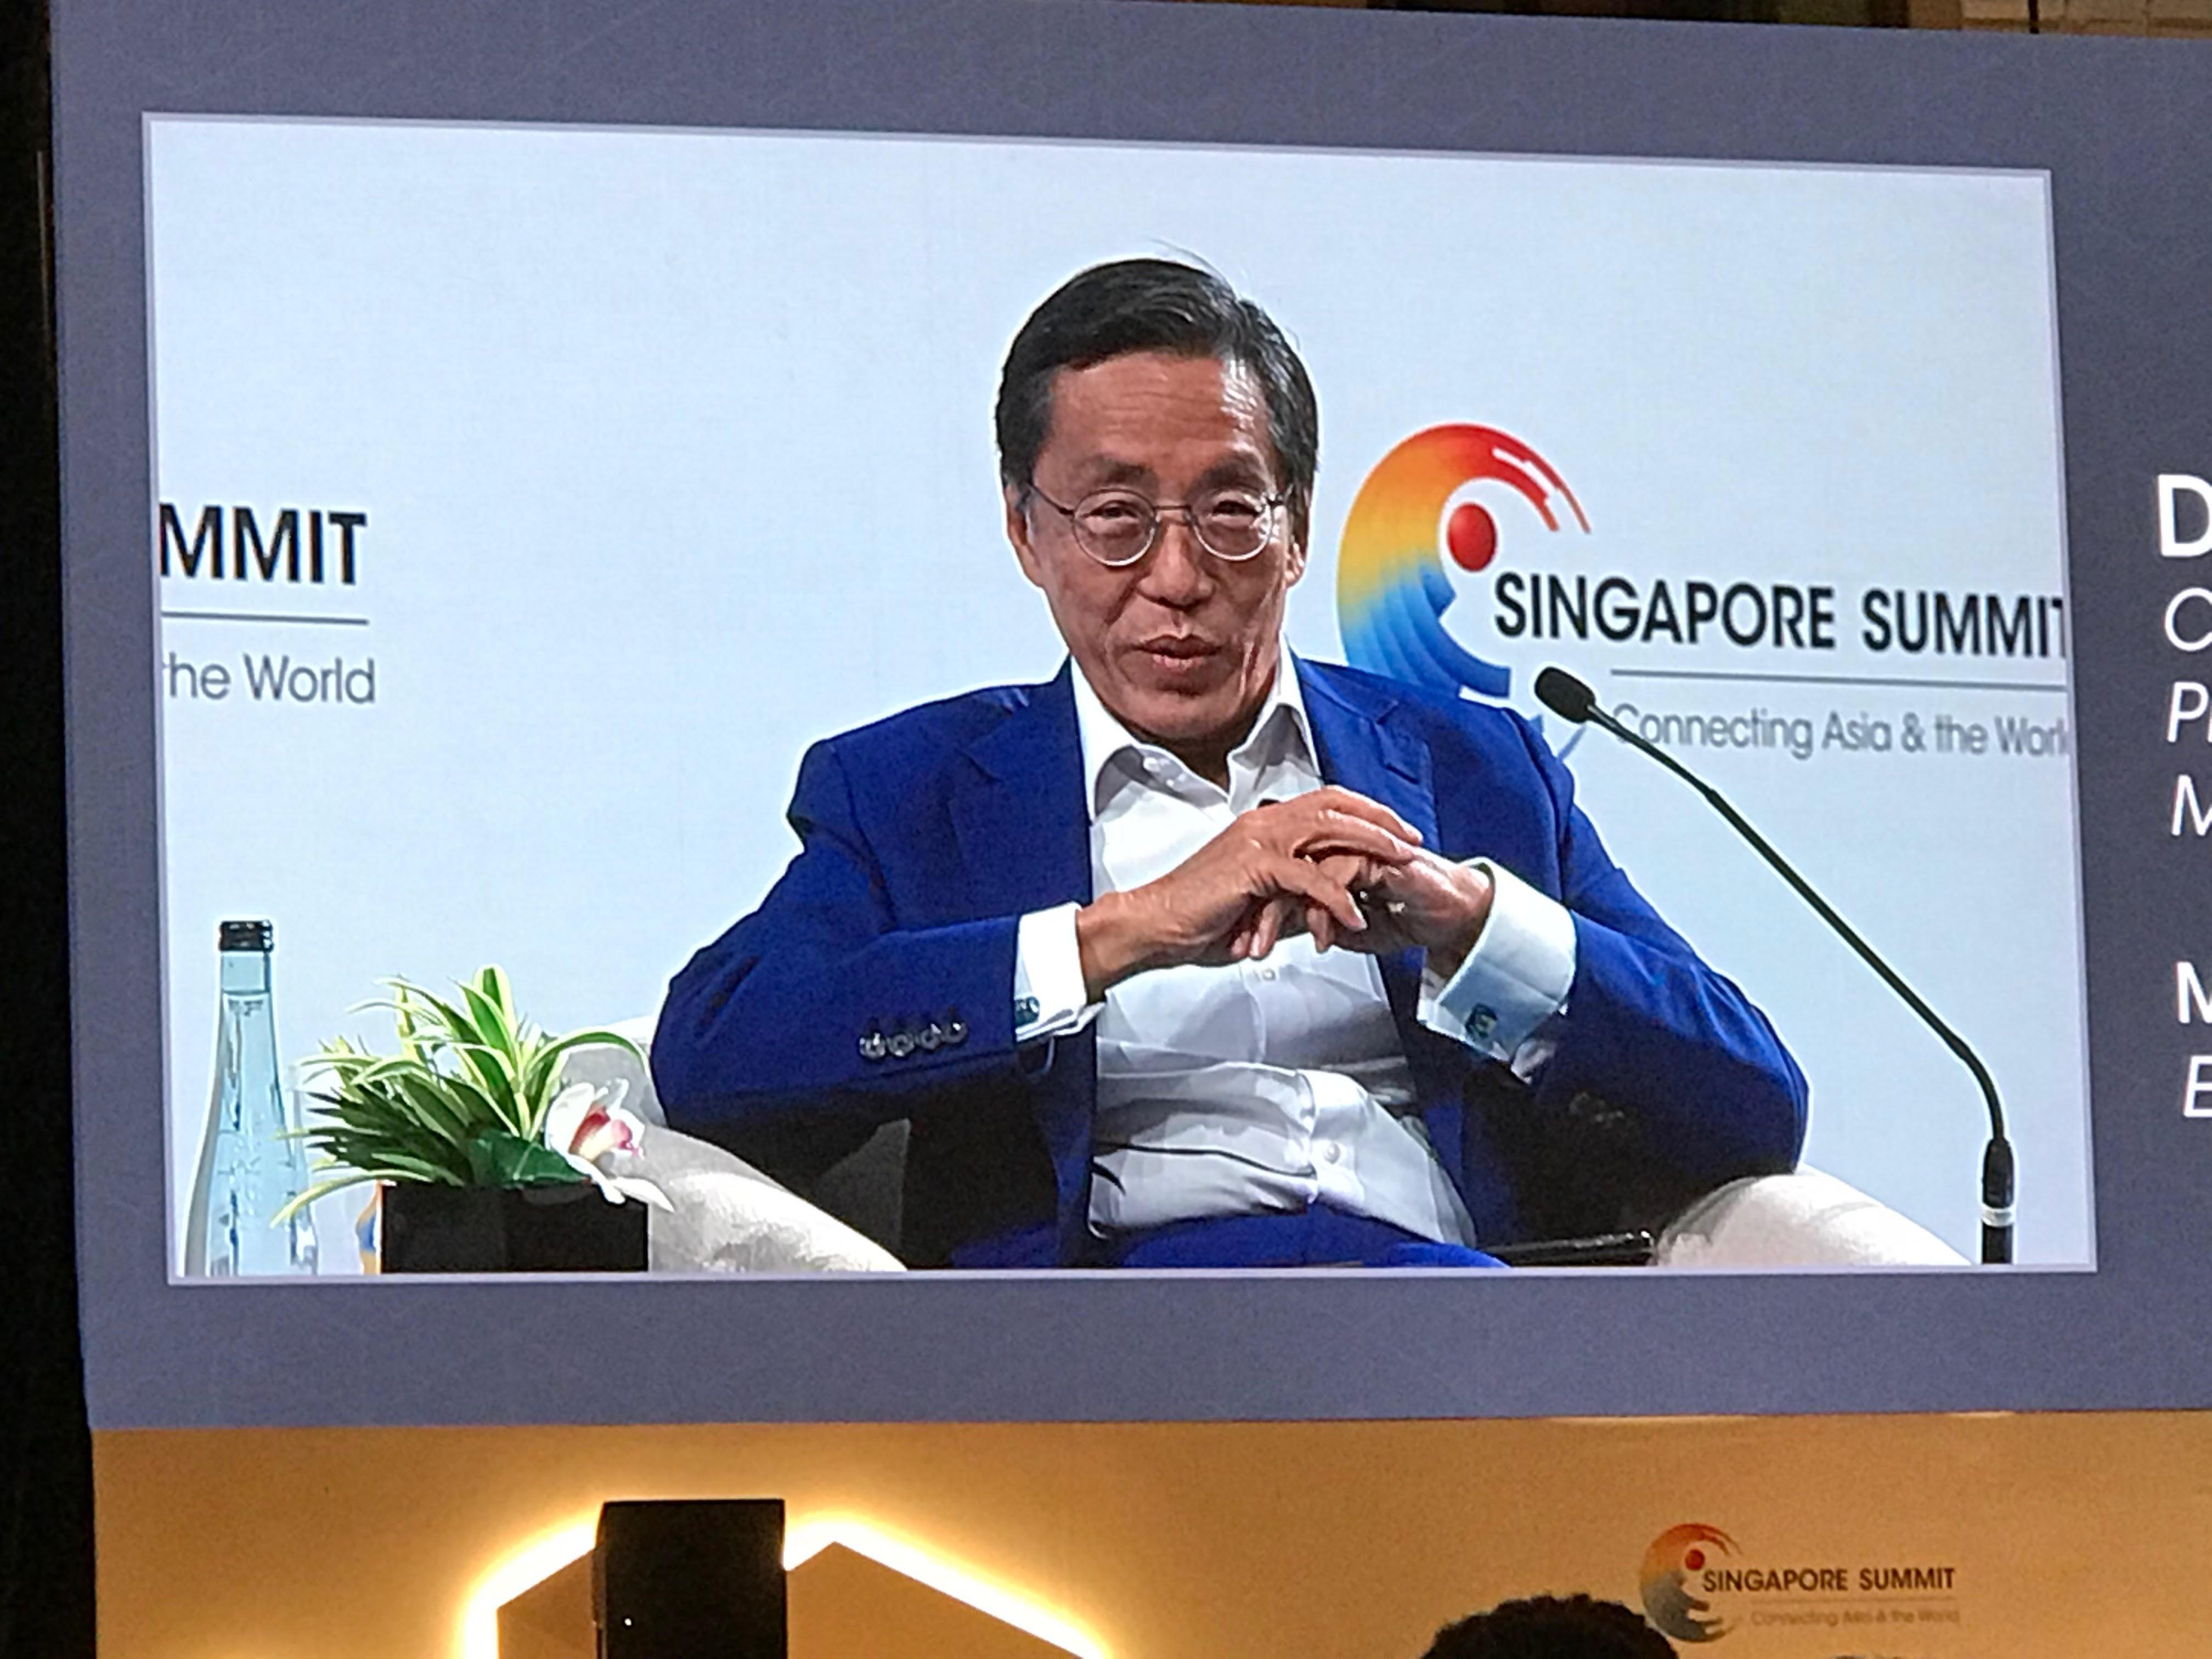 何光平在新加坡峰会